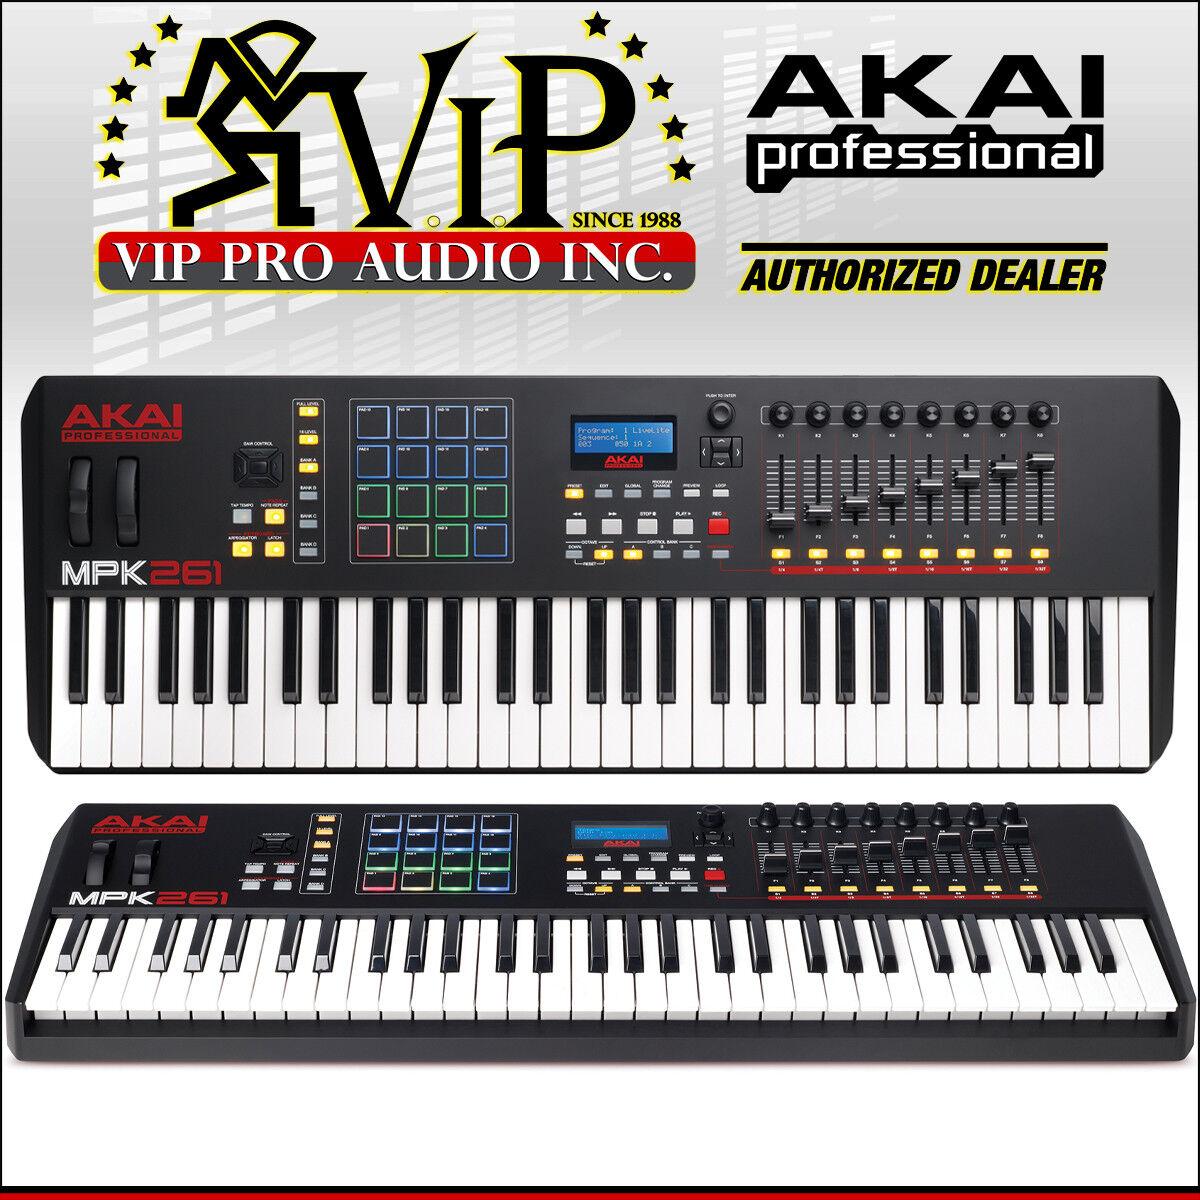 Akai MPK261 61 Keys USB MIDI Drum Pad & Keyboard Controller MPK 261